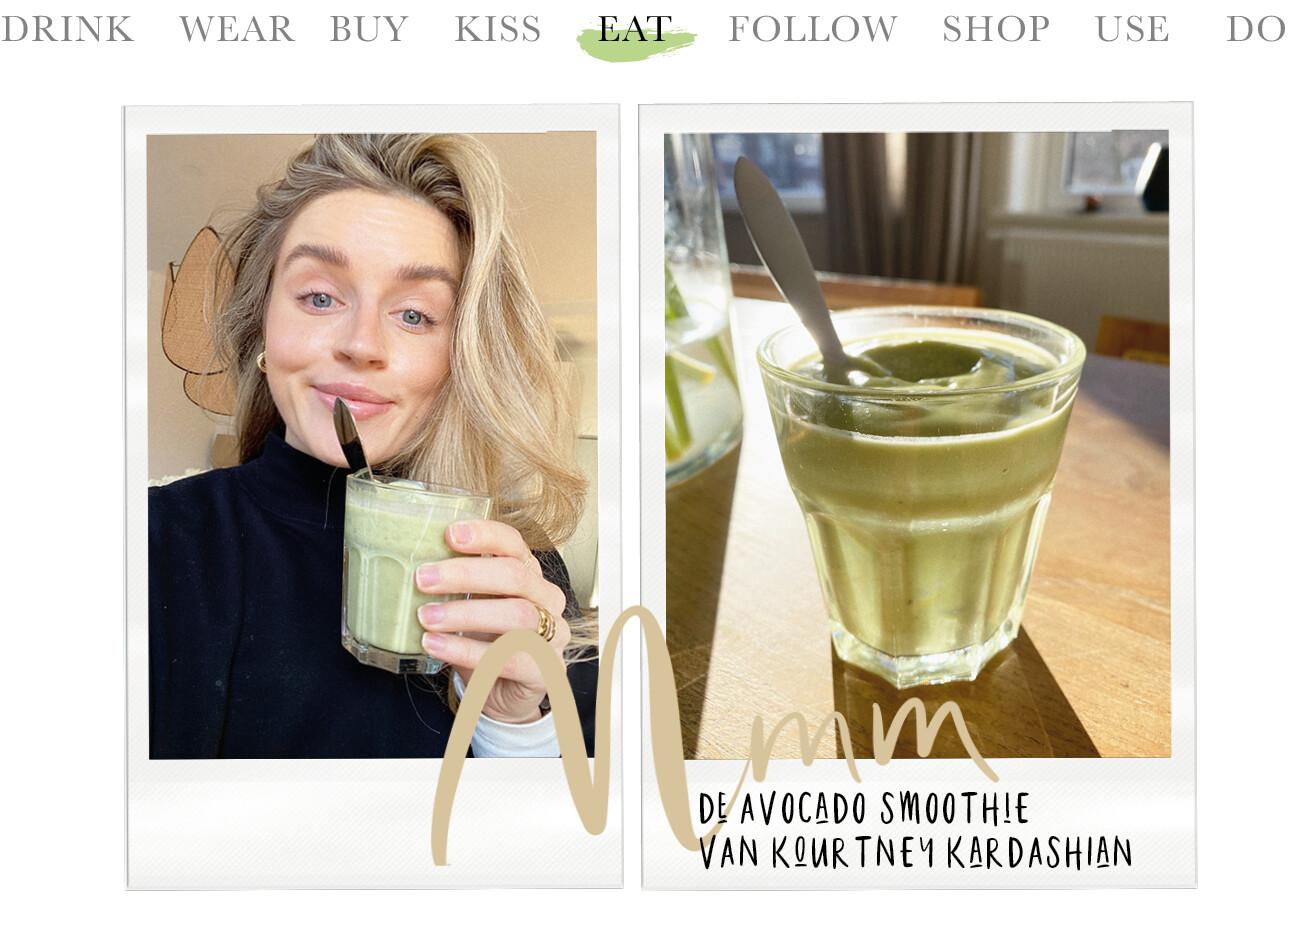 Lotte van scherpenzeel met een groene avocado smoothie